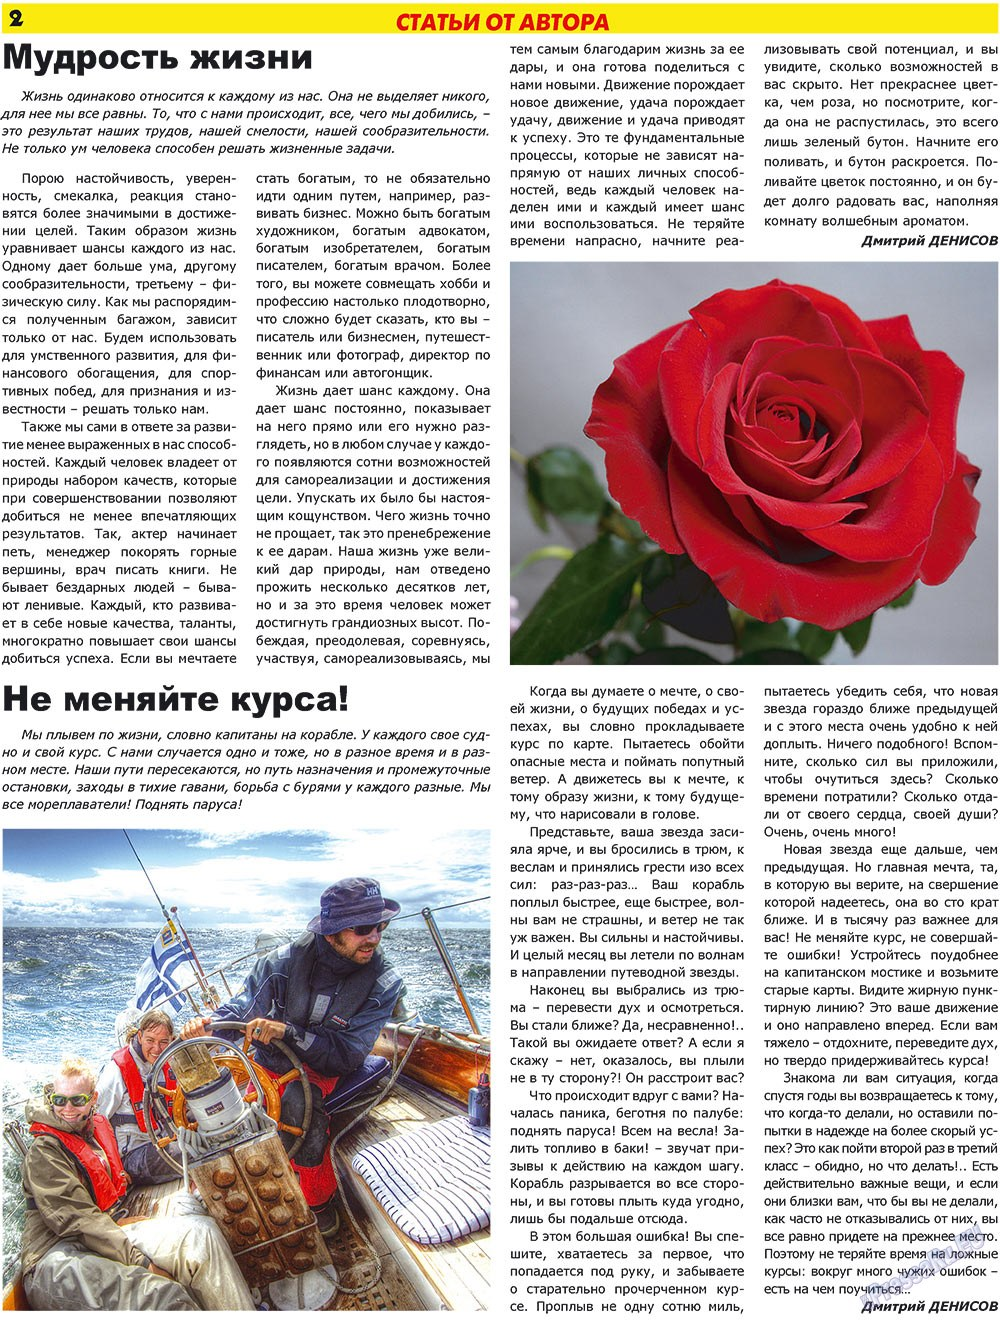 Forum Plus (газета). 2009 год, номер 4, стр. 2